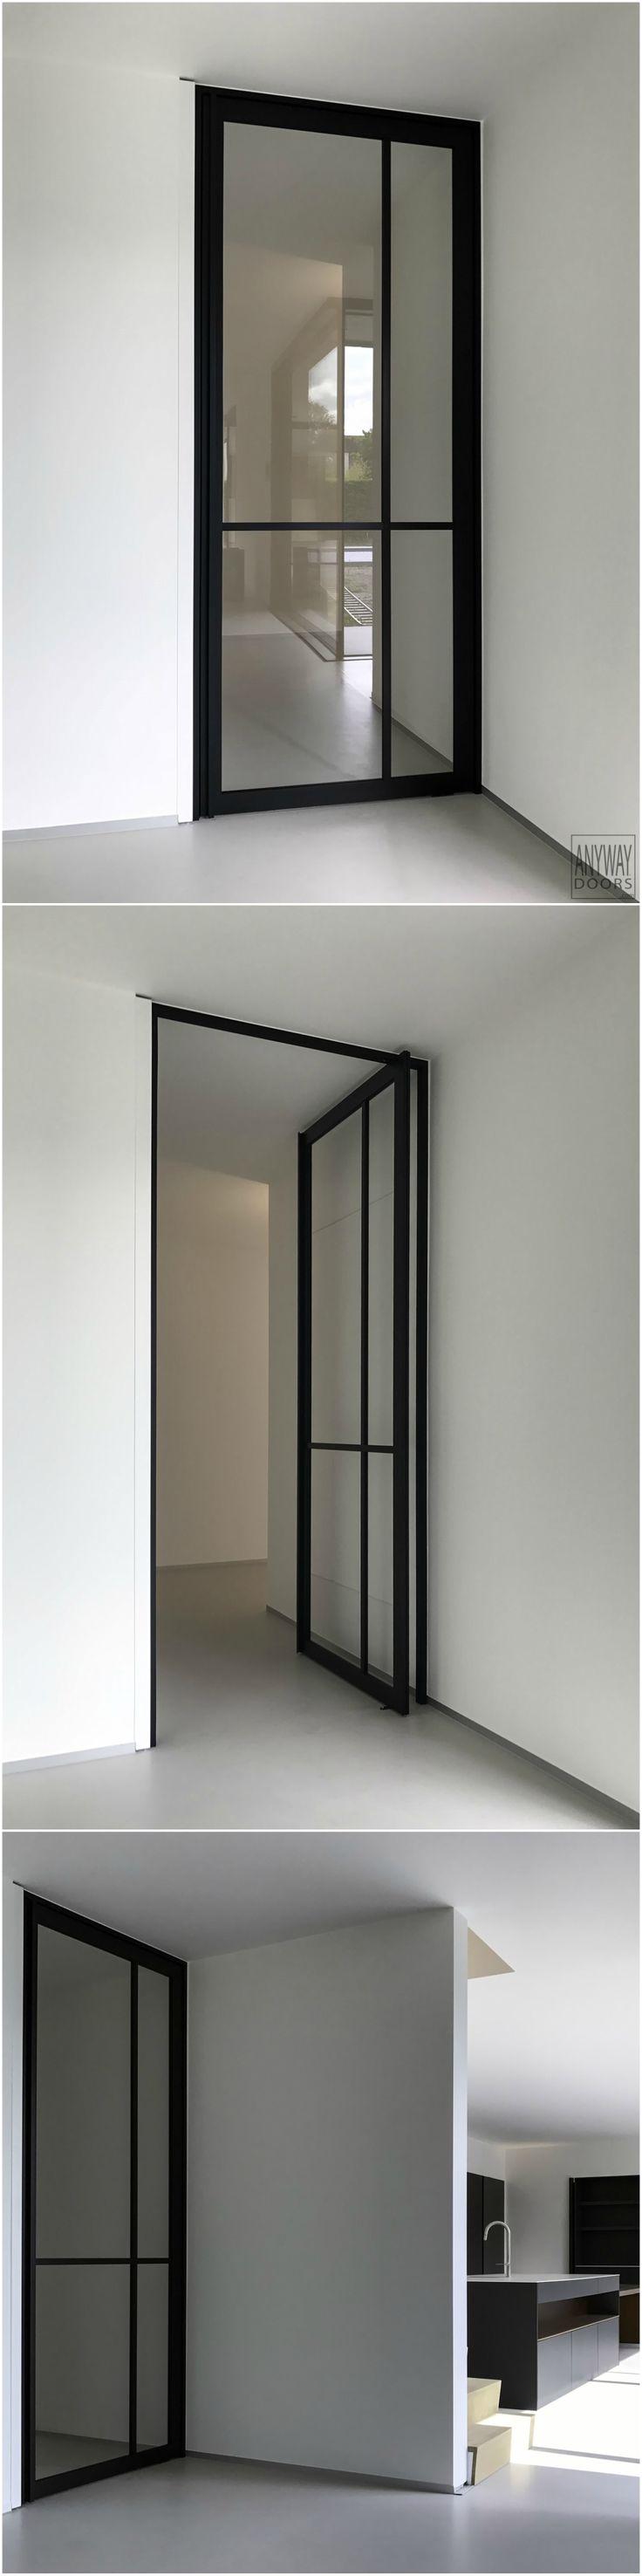 """Pivoterende glazen deur uit de Anyway """"Steel Look"""" collectie. Er dient niets vooraf in de vloer ingebouwd te worden!"""